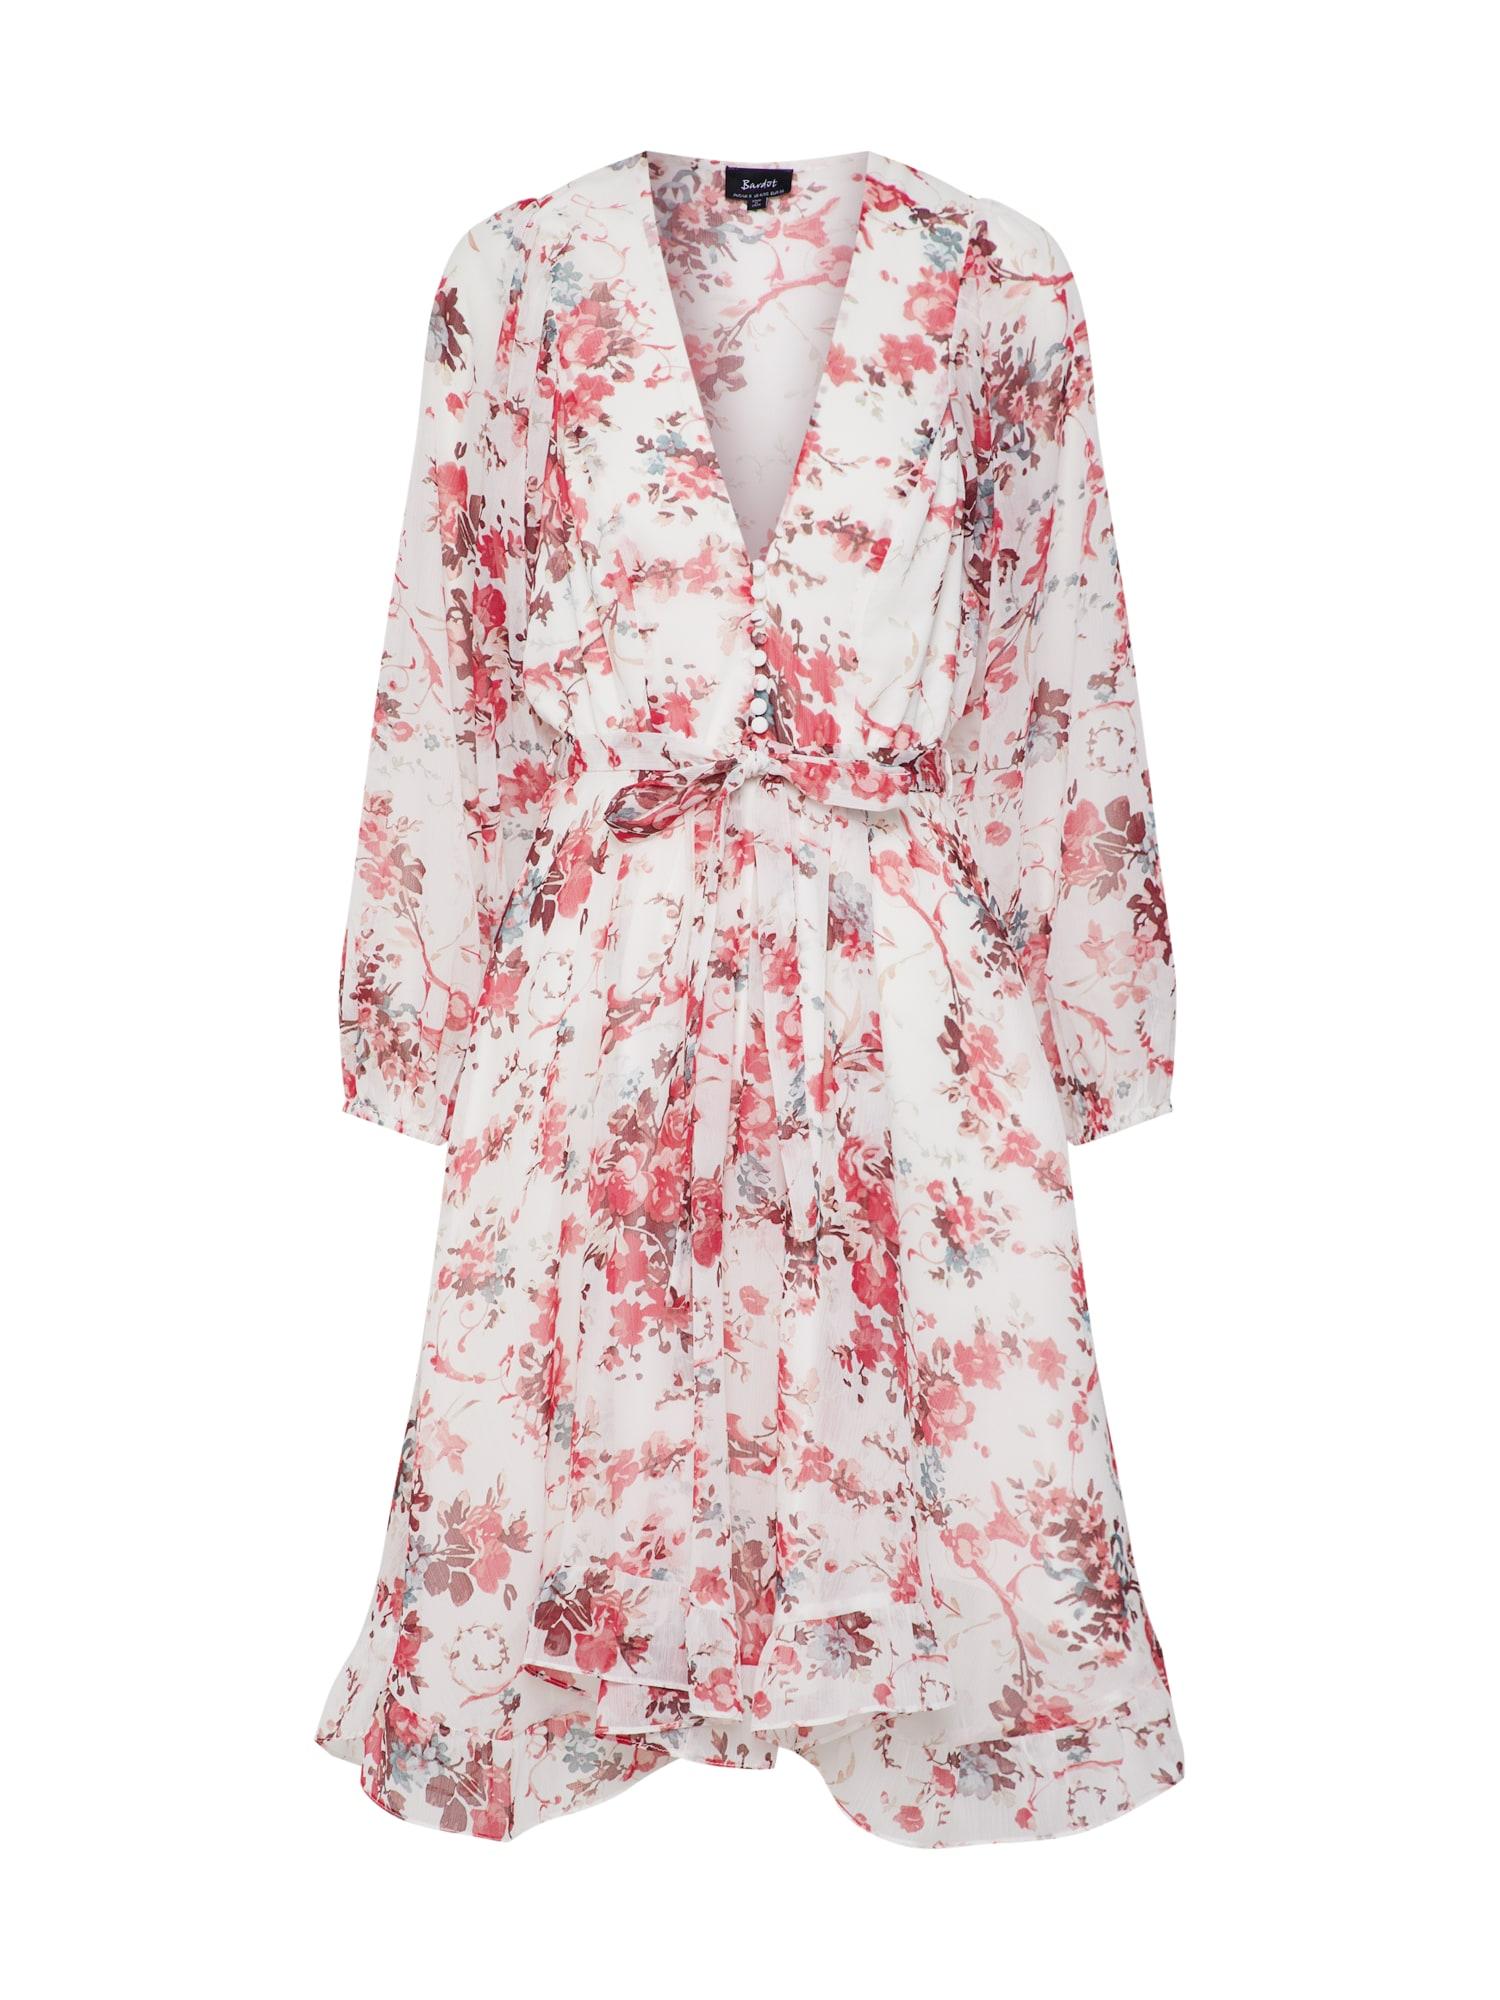 Letní šaty ALEXI FLORAL mix barev Bardot